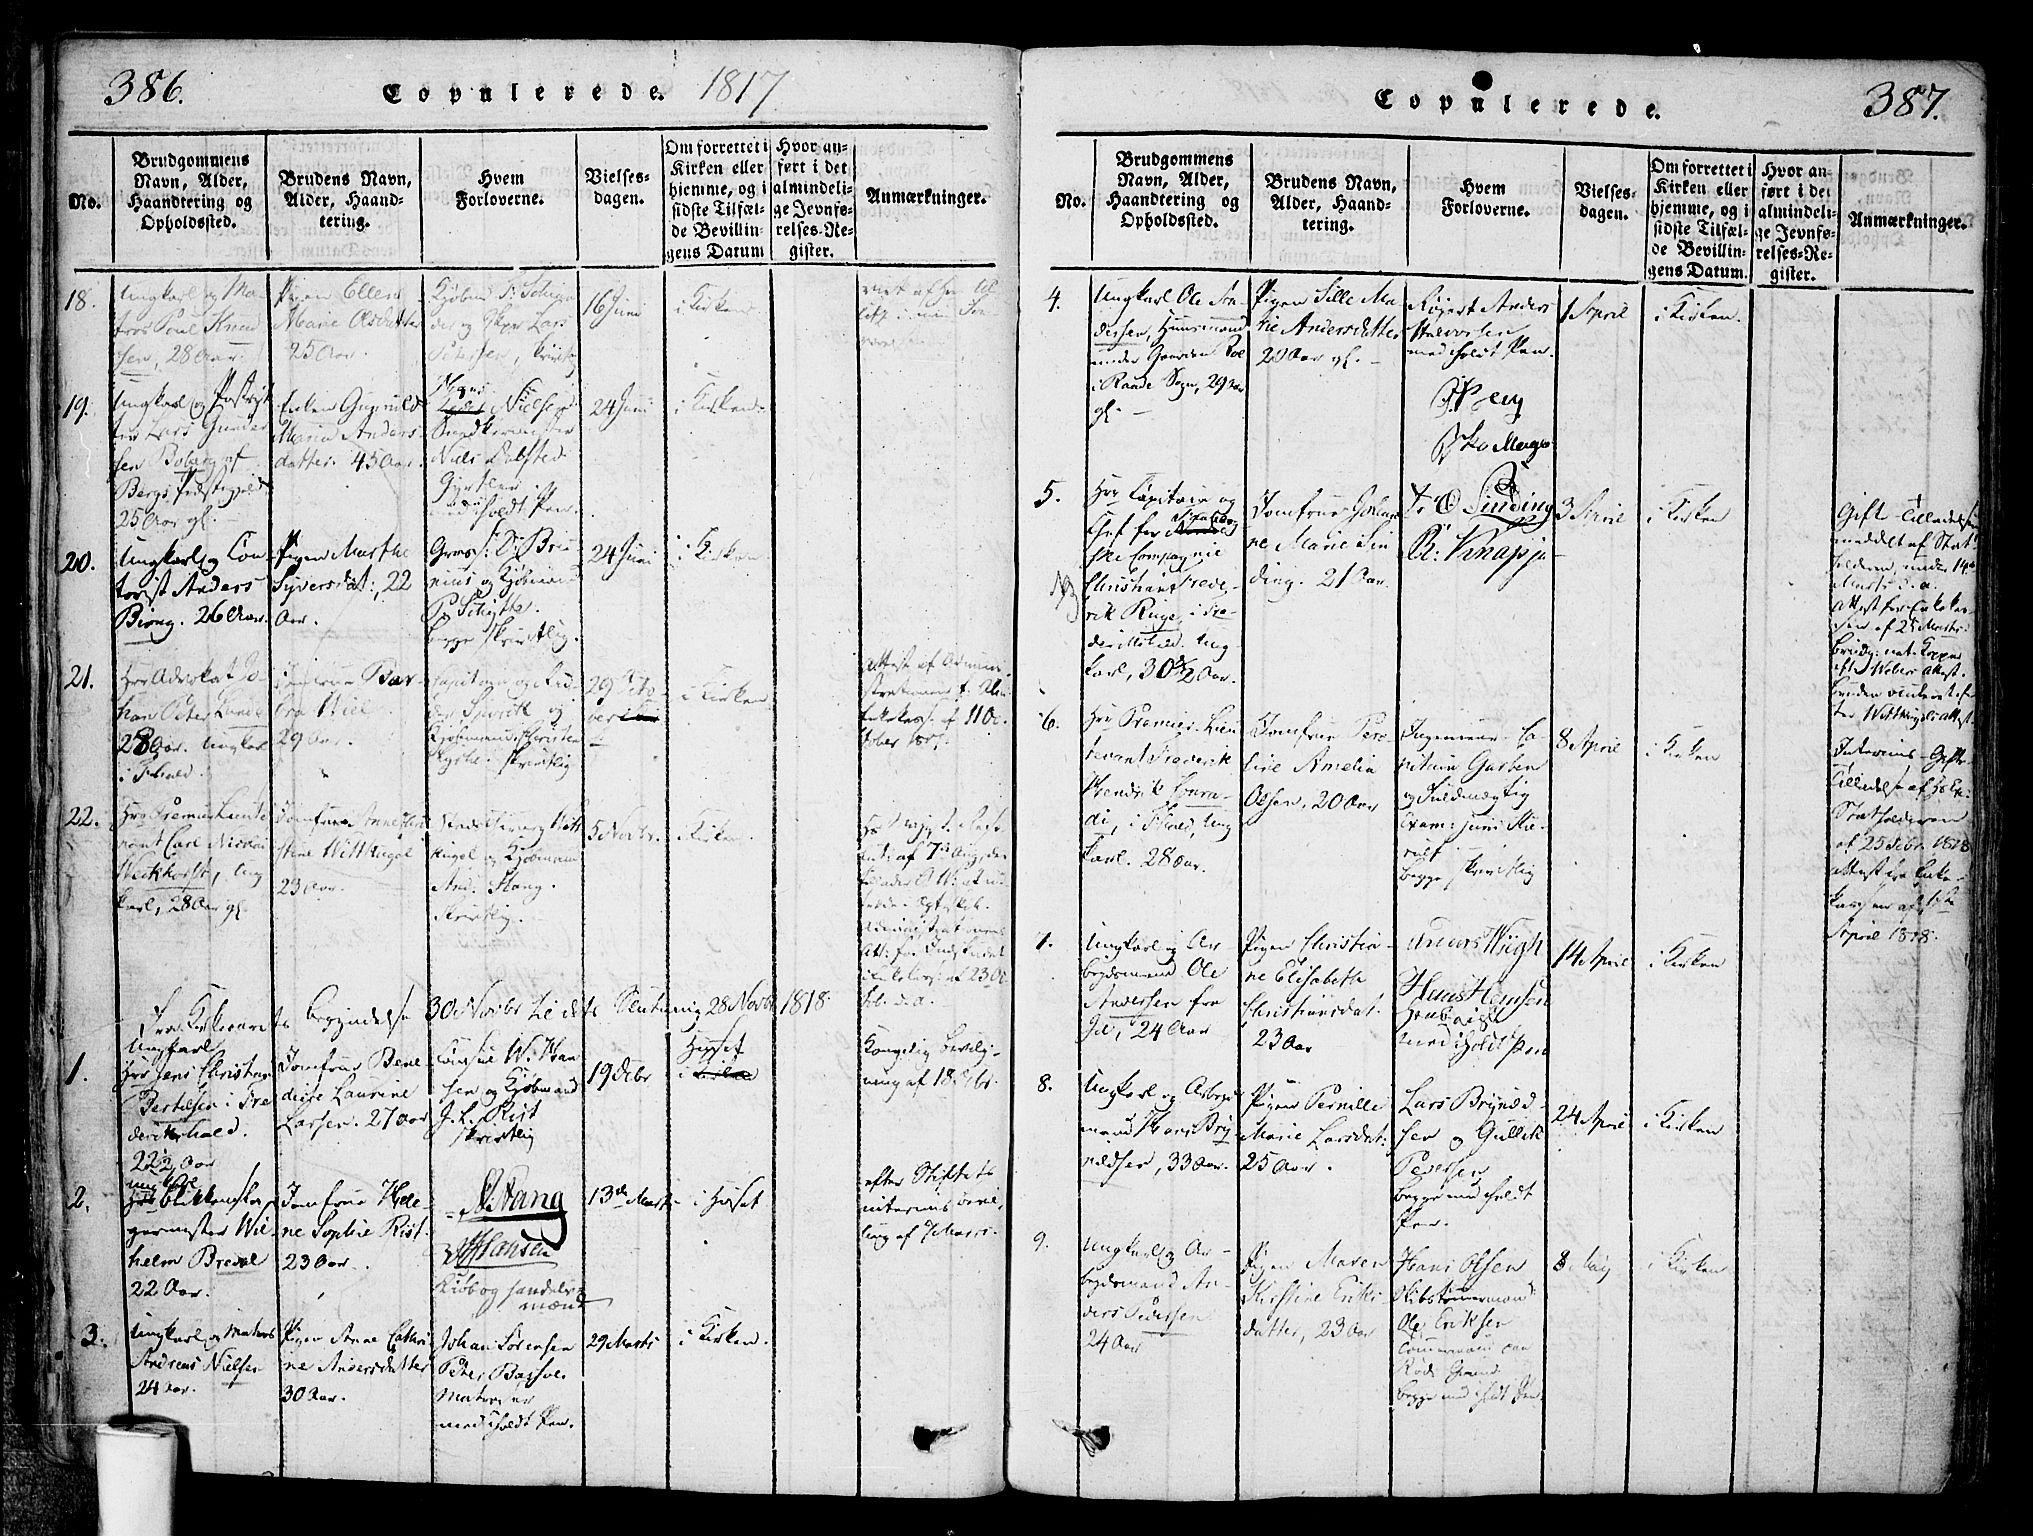 SAO, Halden prestekontor Kirkebøker, F/Fa/L0003: Ministerialbok nr. I 3, 1815-1834, s. 386-387